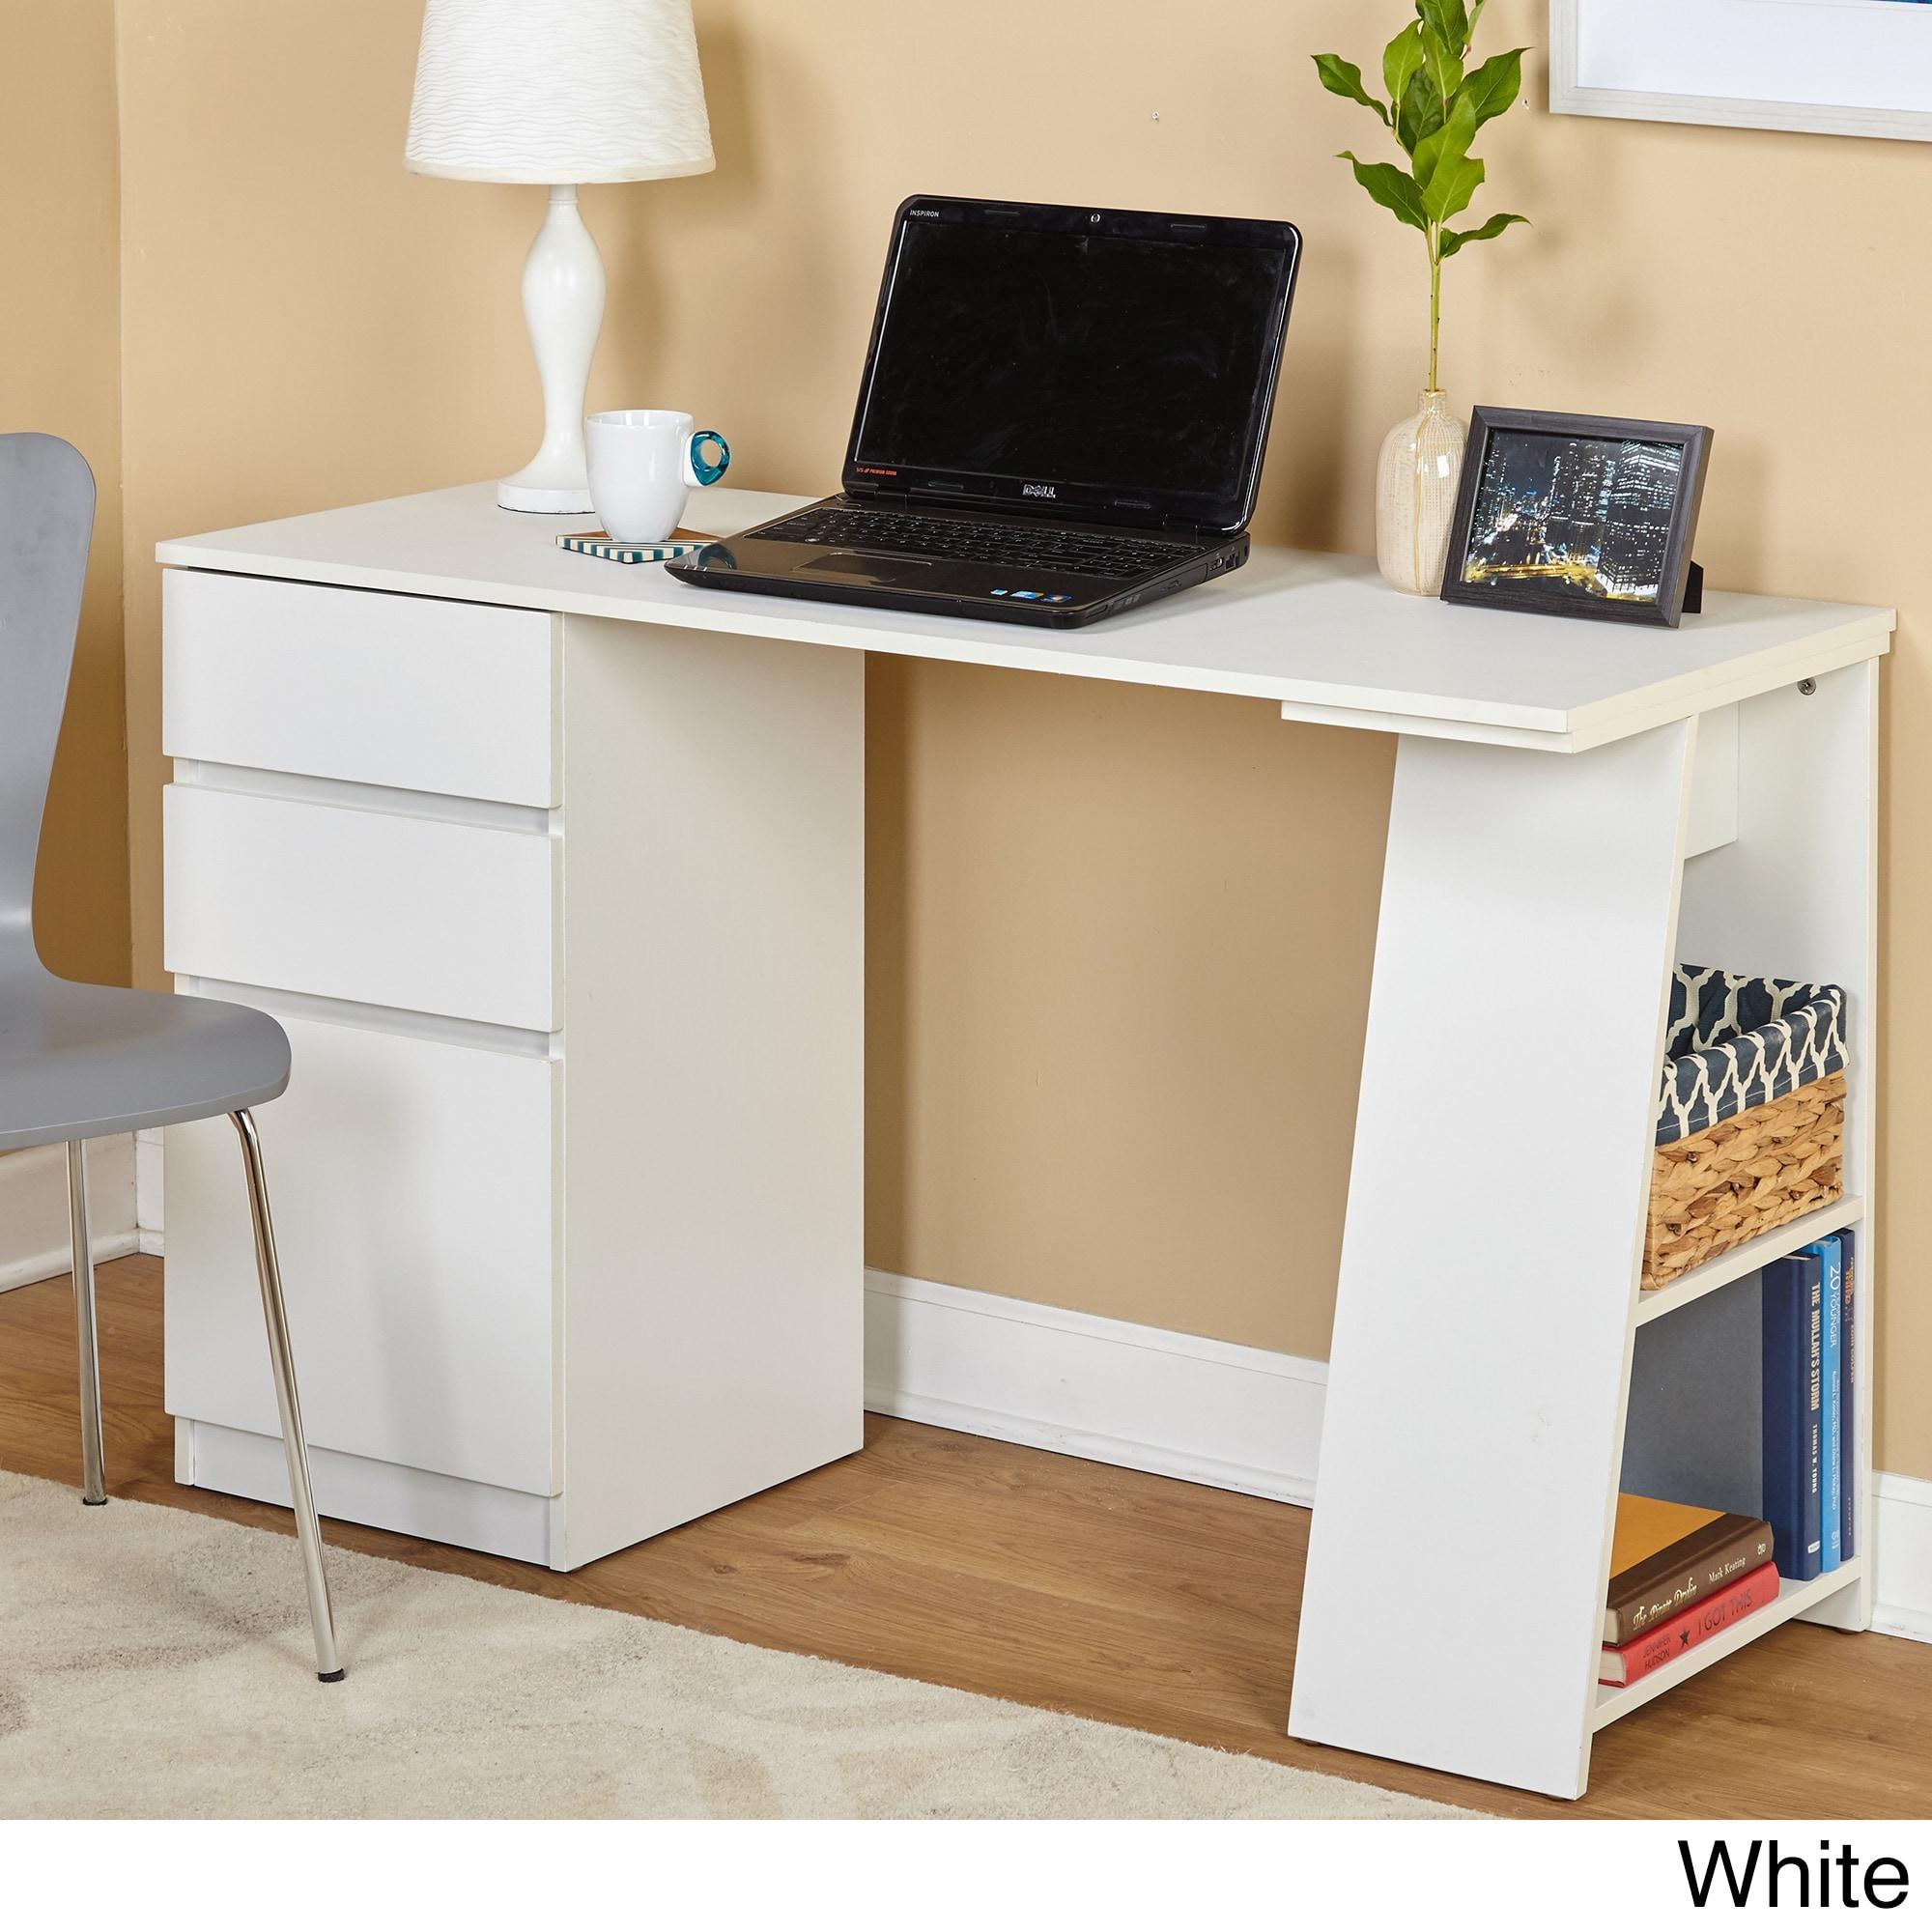 space saver desk sleek modern design writing drawing